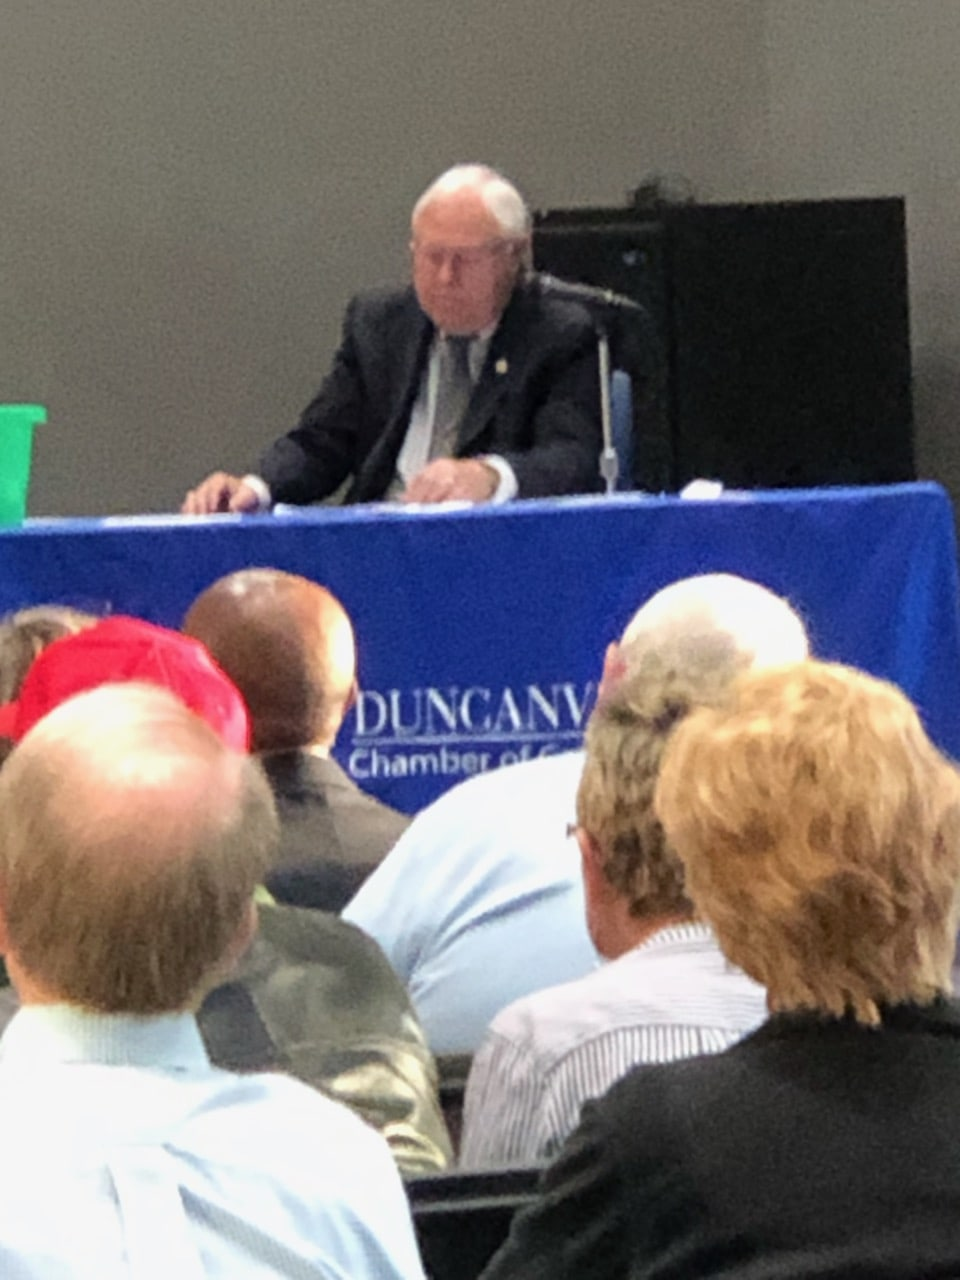 candidates for duncanville city council